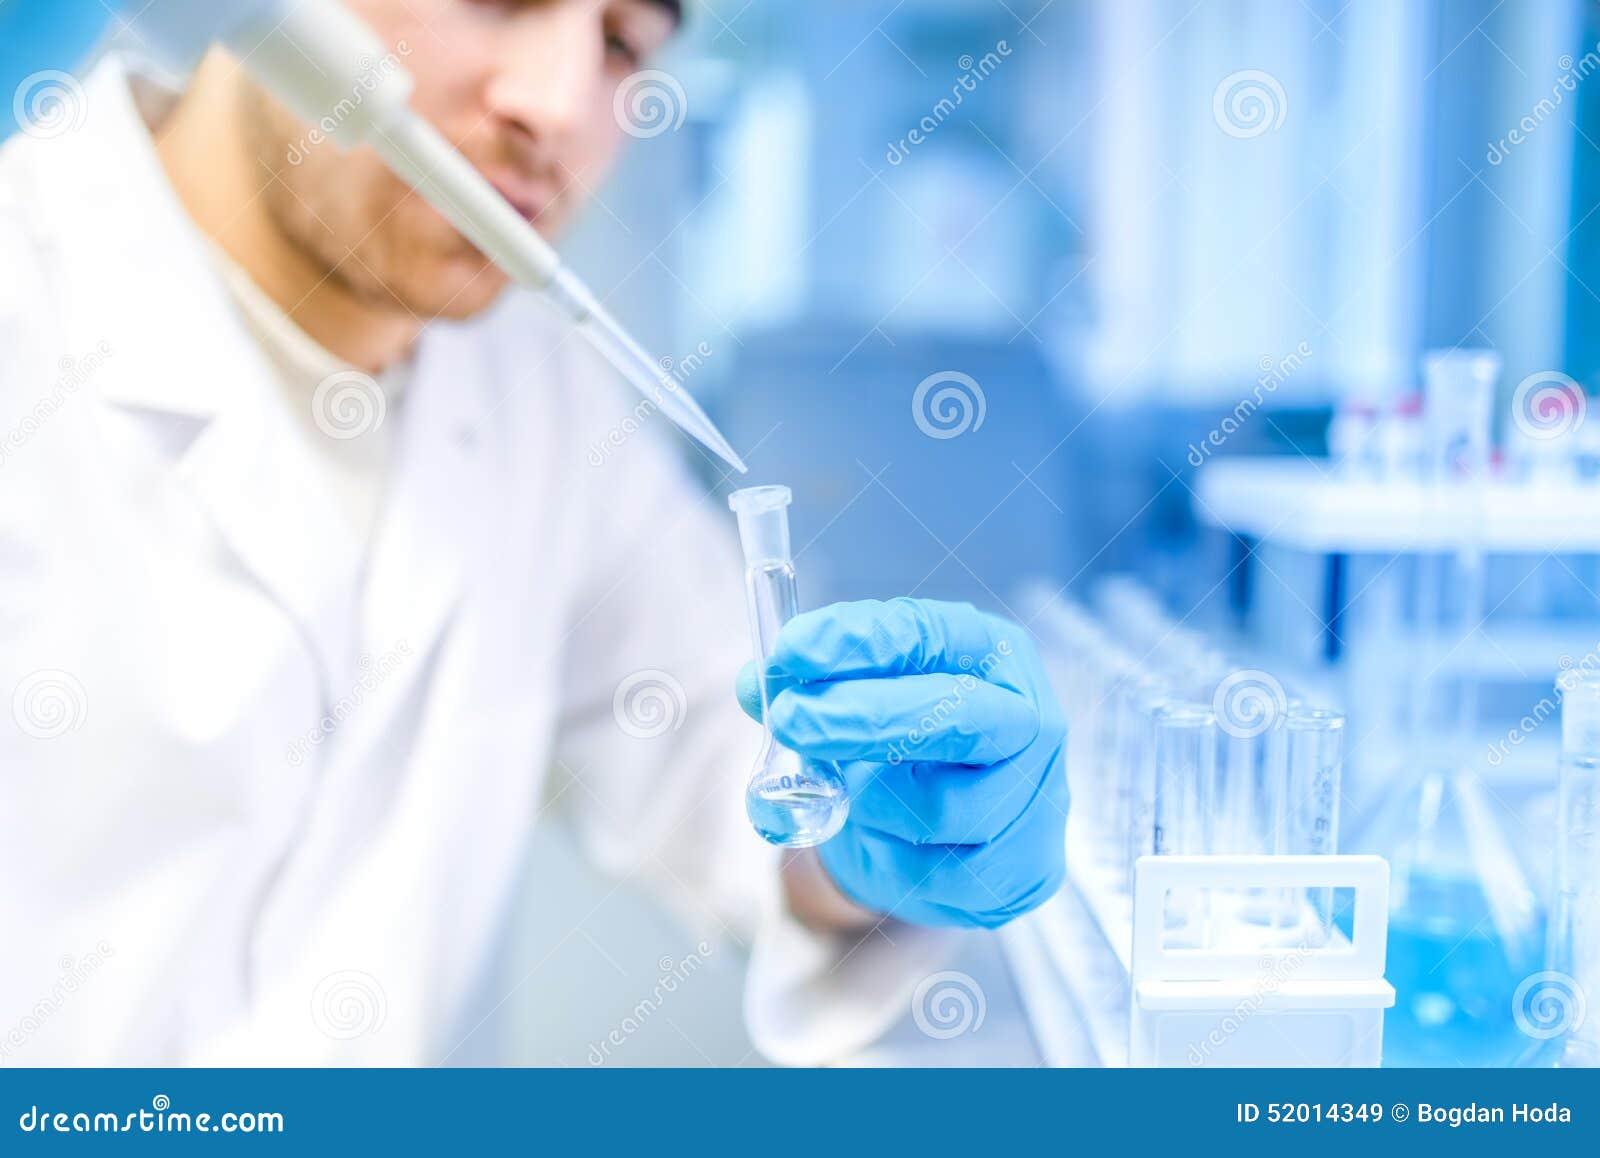 Scienziato che utilizza strumento medico per l estrazione di liquido dai campioni nel laboratorio speciale o nella stanza medica